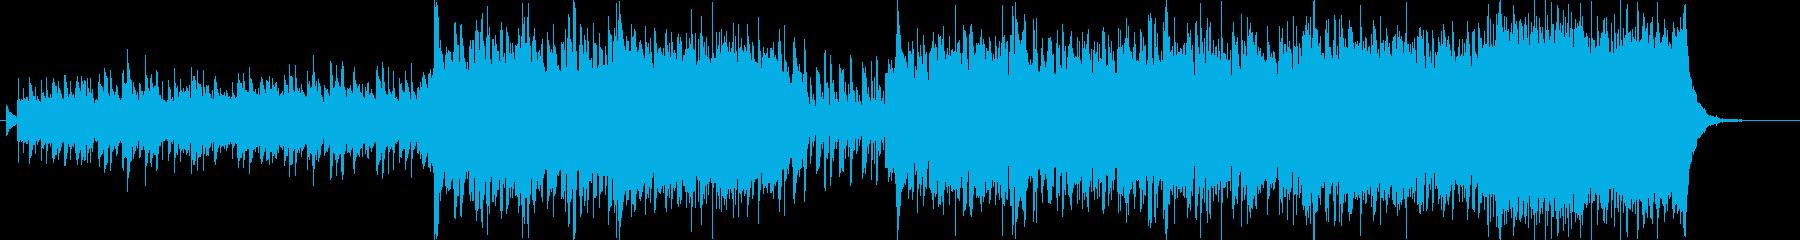 白鳥の湖 ポップアレンジ曲の再生済みの波形